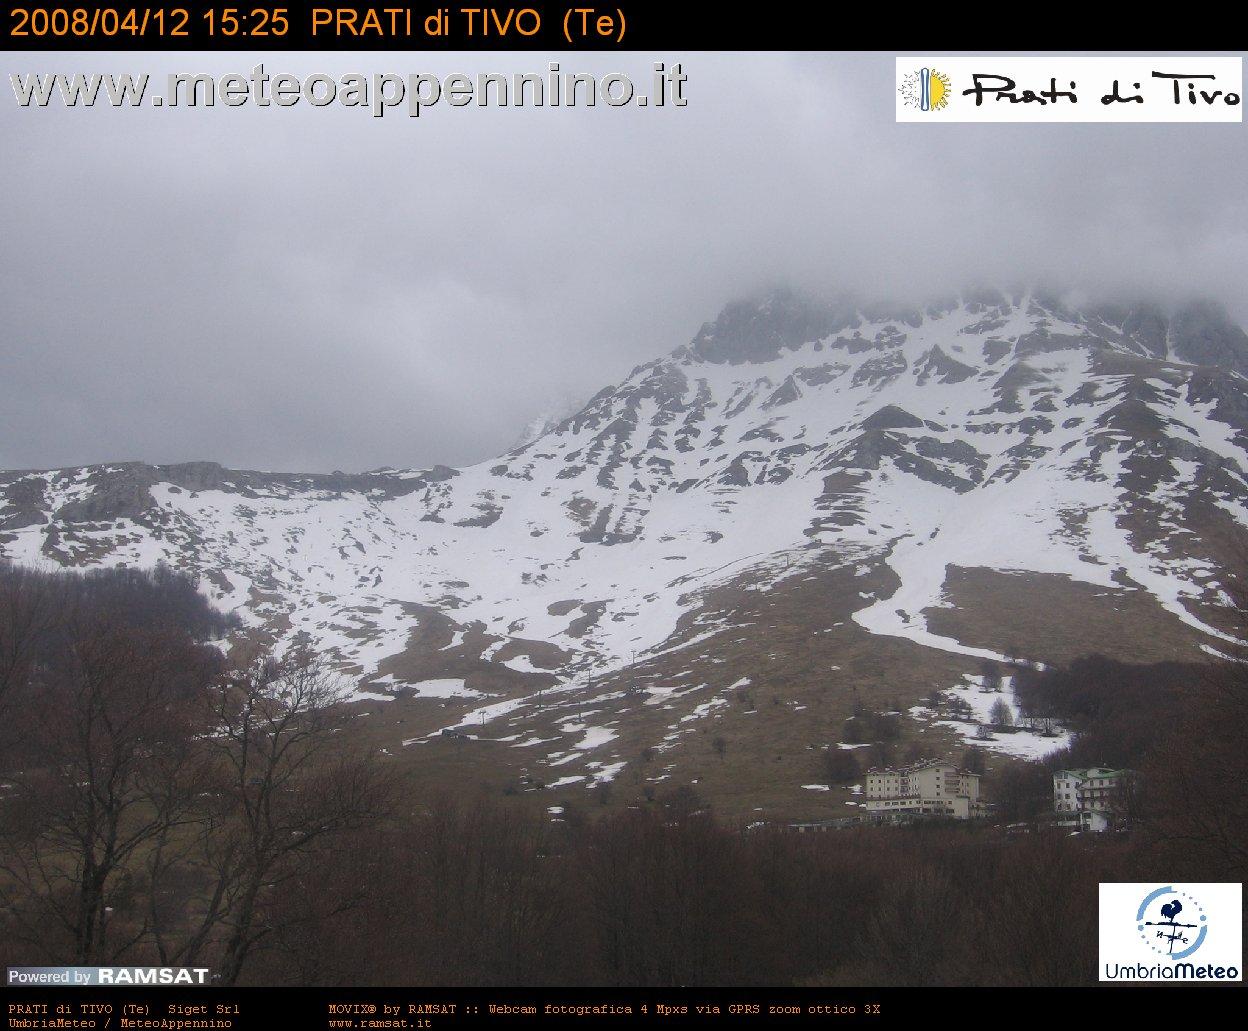 Eccole! tutte le webcam del Centro Italia!!-pratiditivo_zoom_b1200.jpg